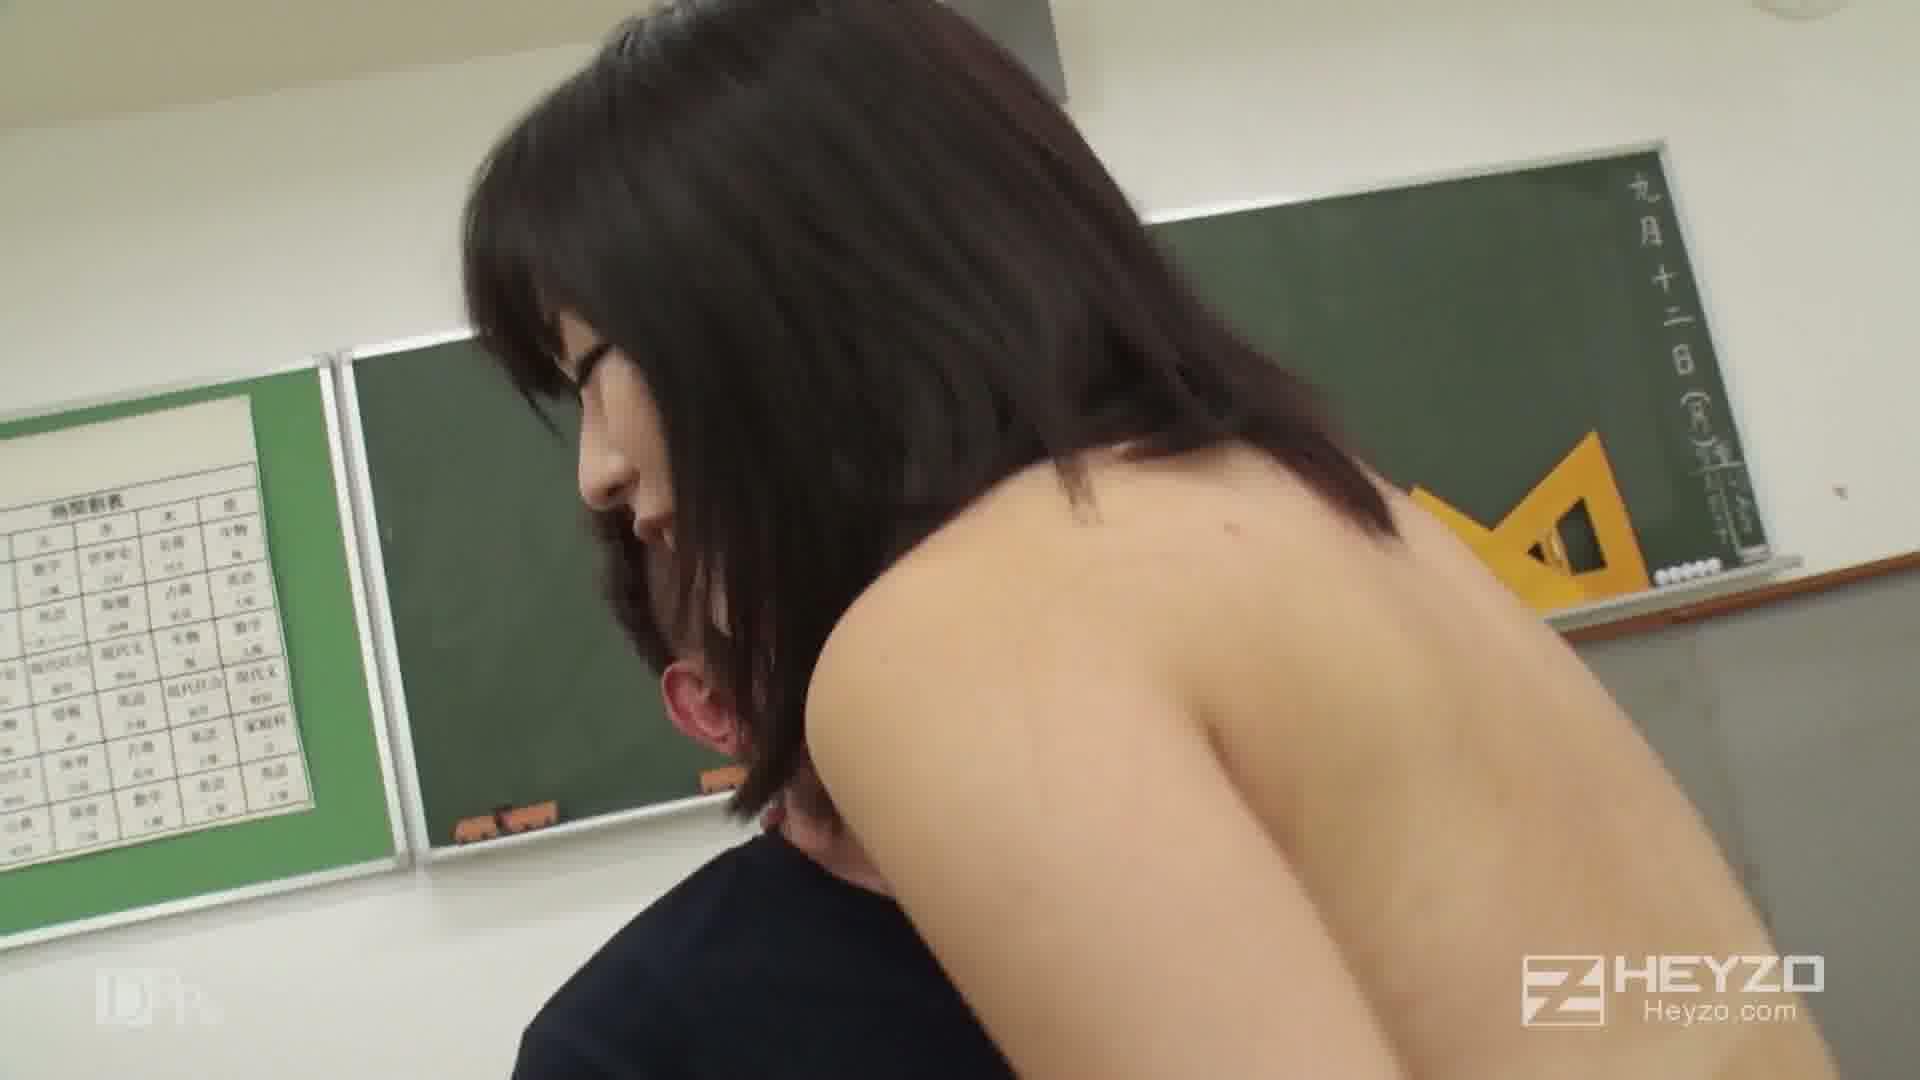 放課後の教室で... - 琴吹まりあ【立ちバック 騎乗位 正常位 背面騎乗位 中出し】